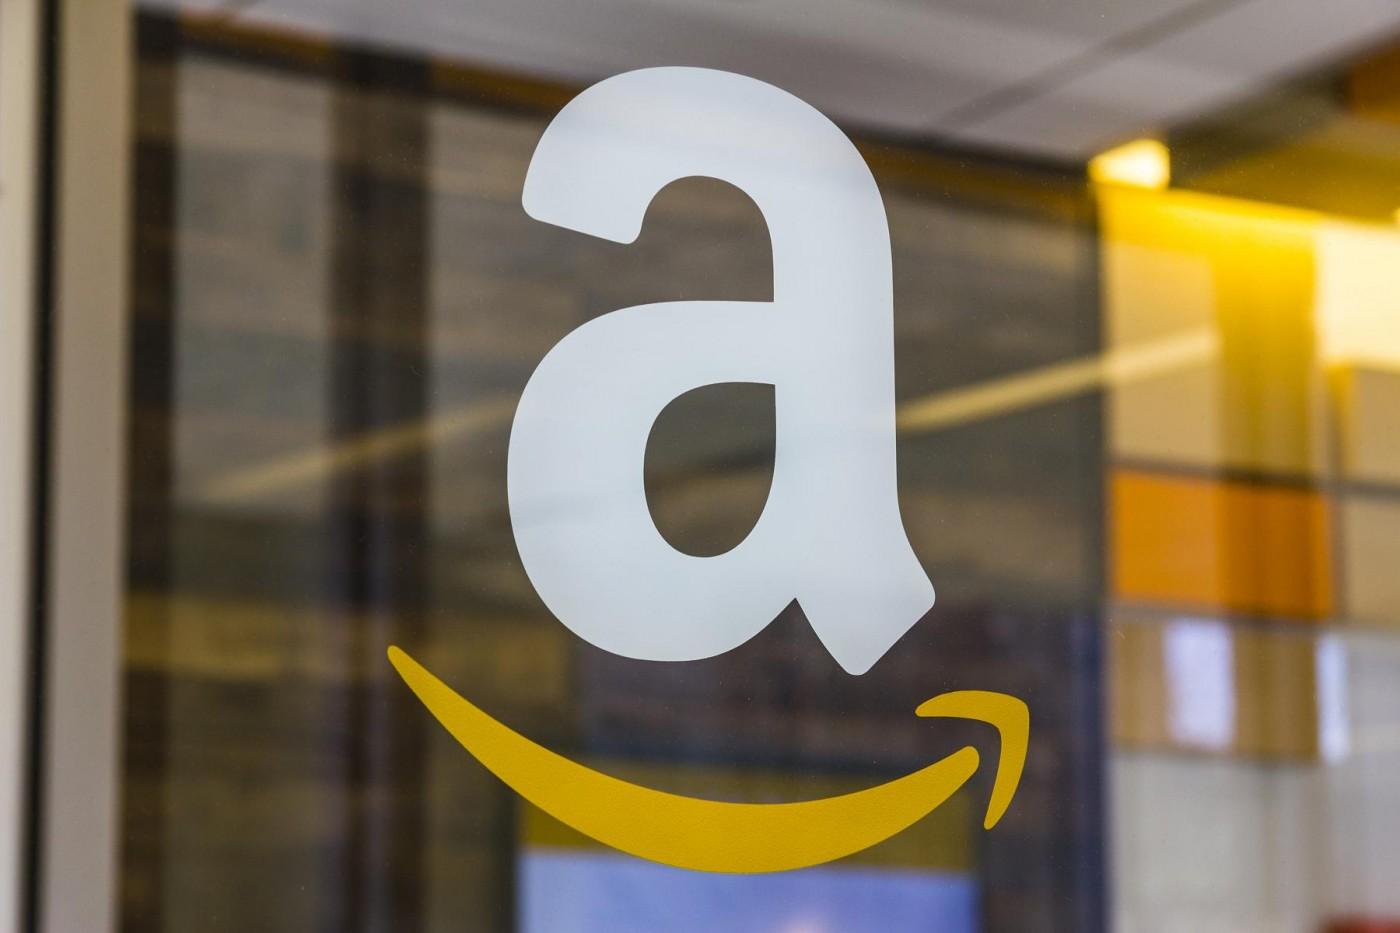 緊追蘋果腳步,電商巨頭亞馬遜成為第二家市值破兆企業!